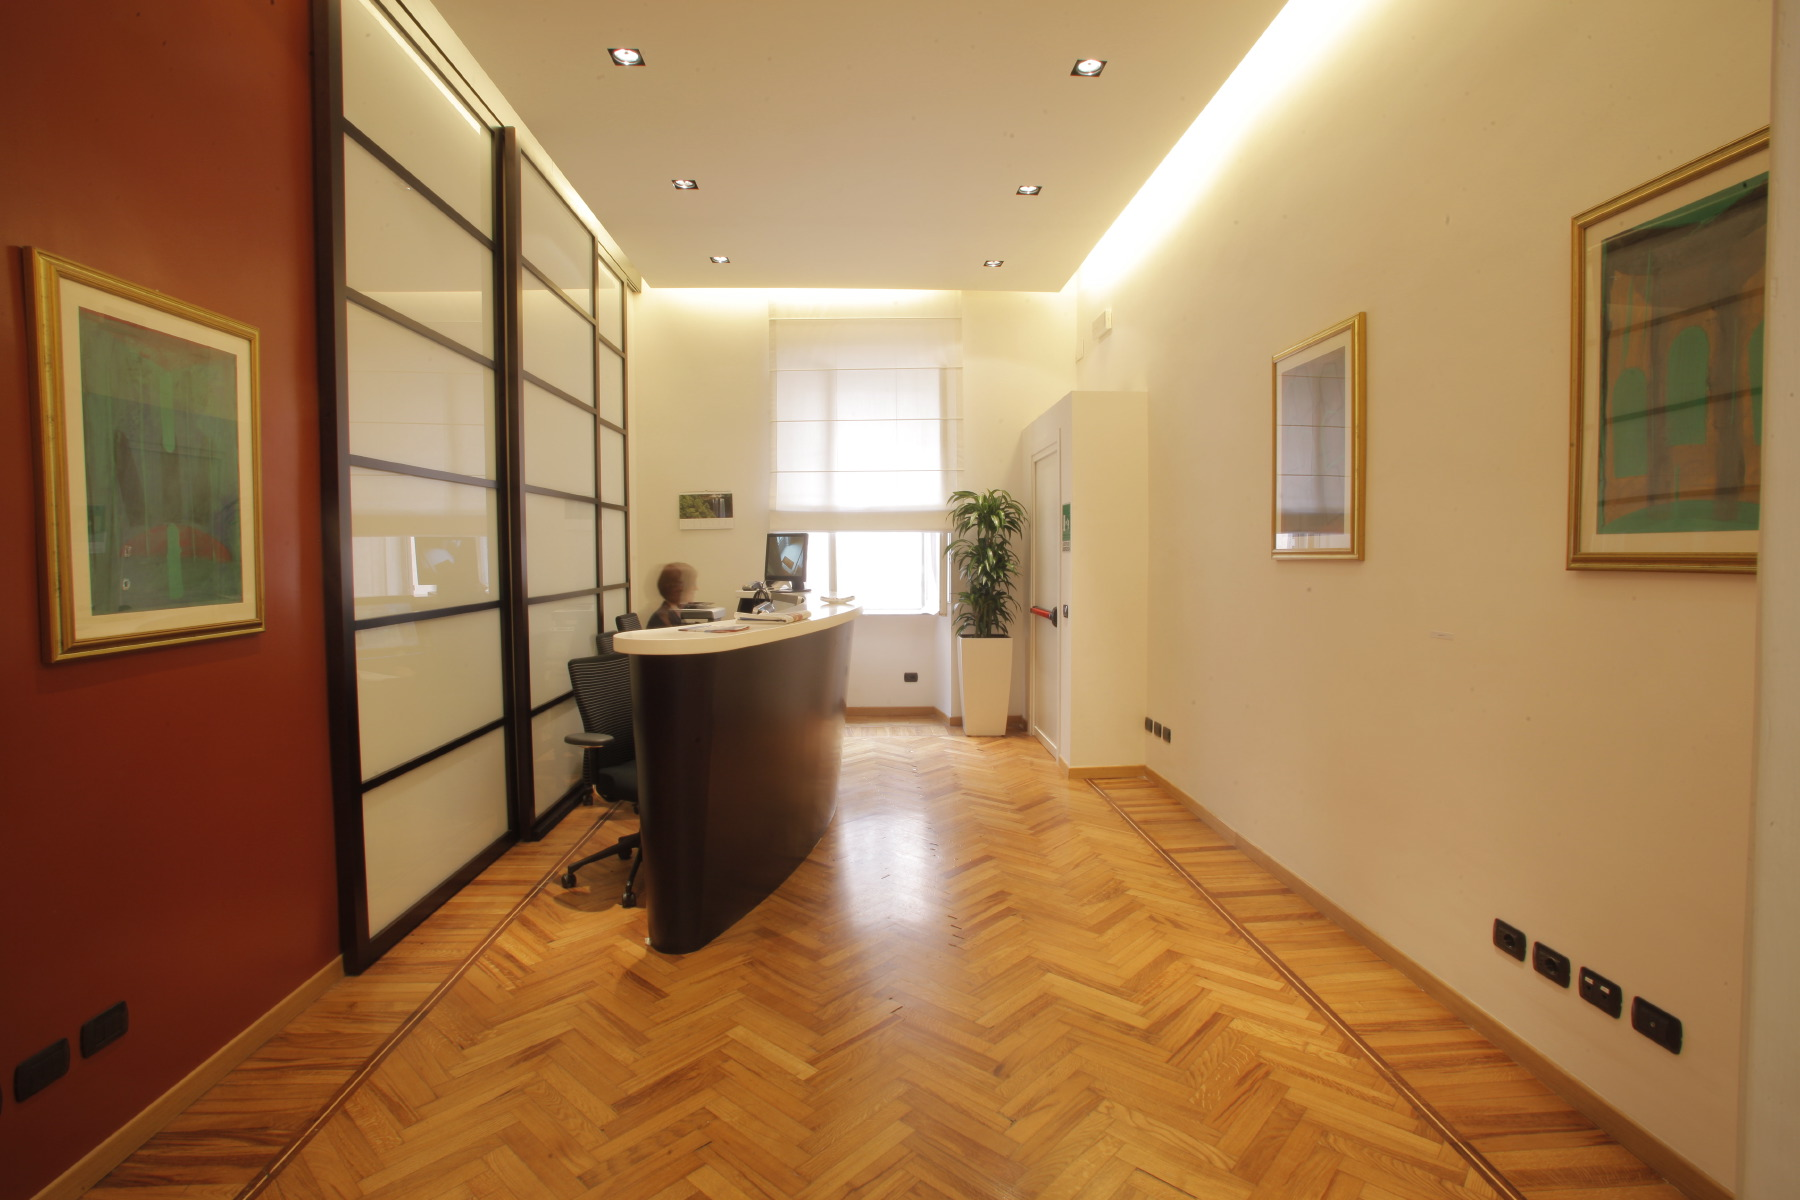 Ufficio virtuale roma apri il tuo ufficio in meno di un 39 ora for Ufficio virtuale